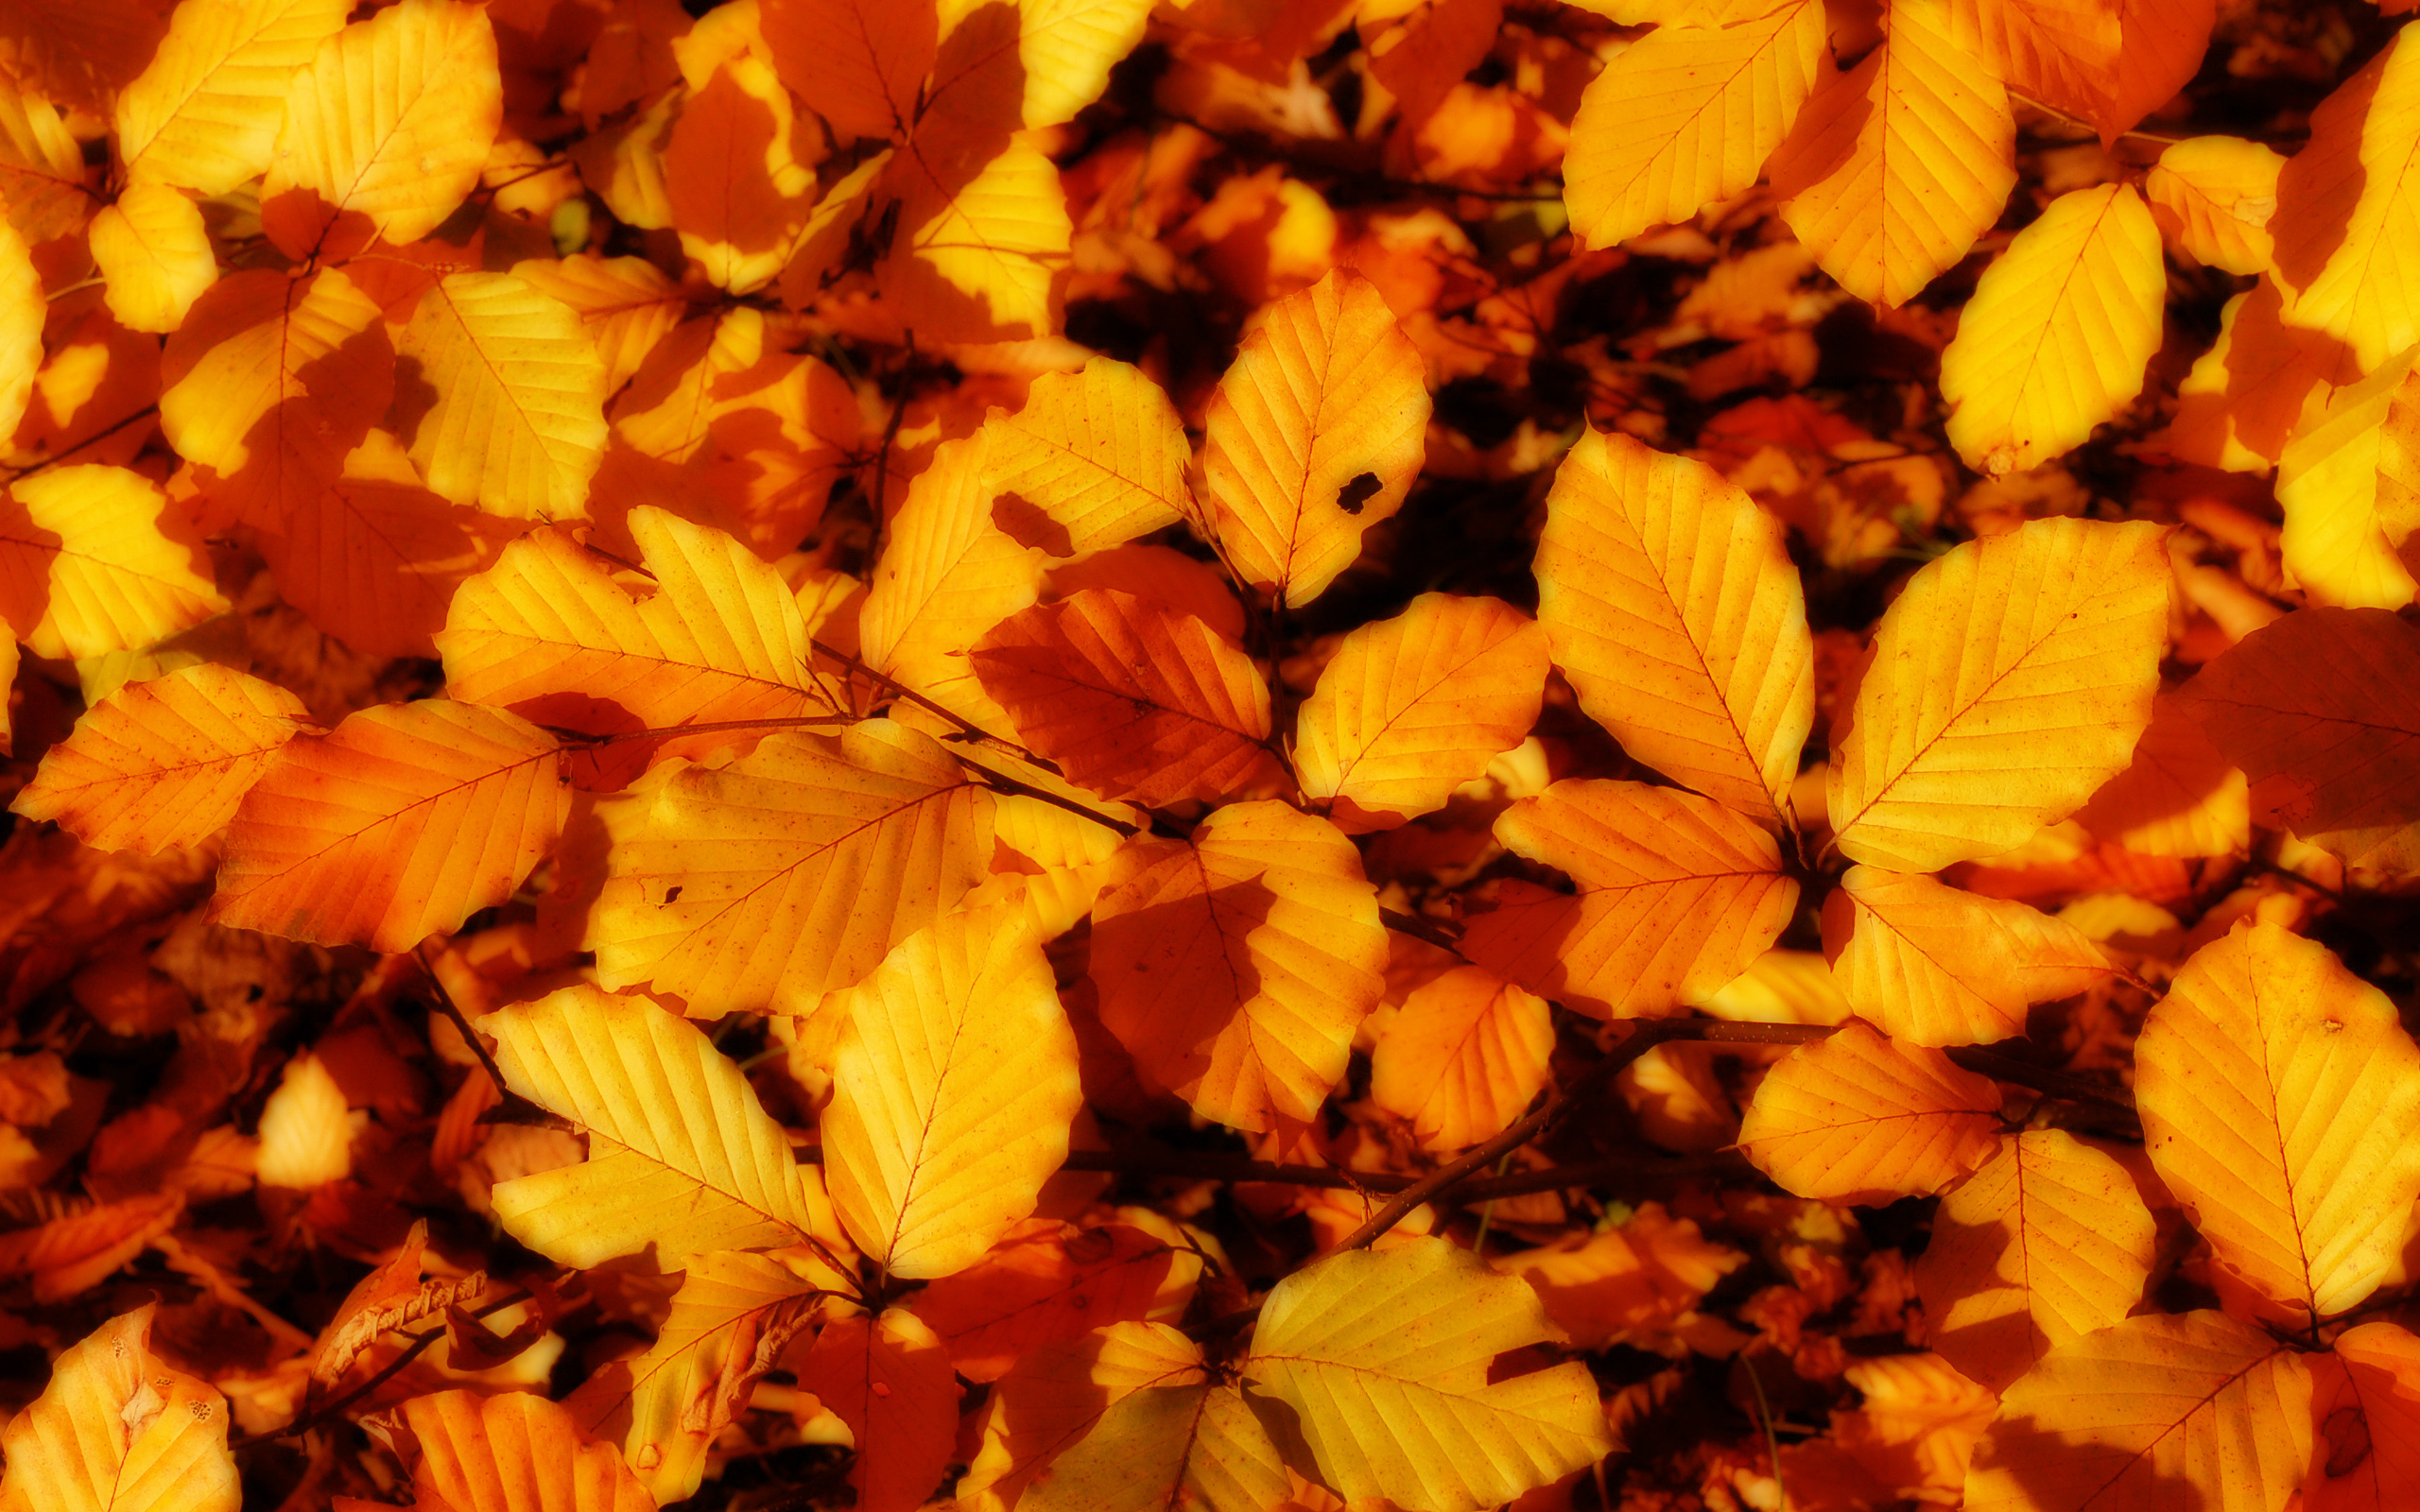 листья, осень, скачать фото, обои для рабочего стола, листопад